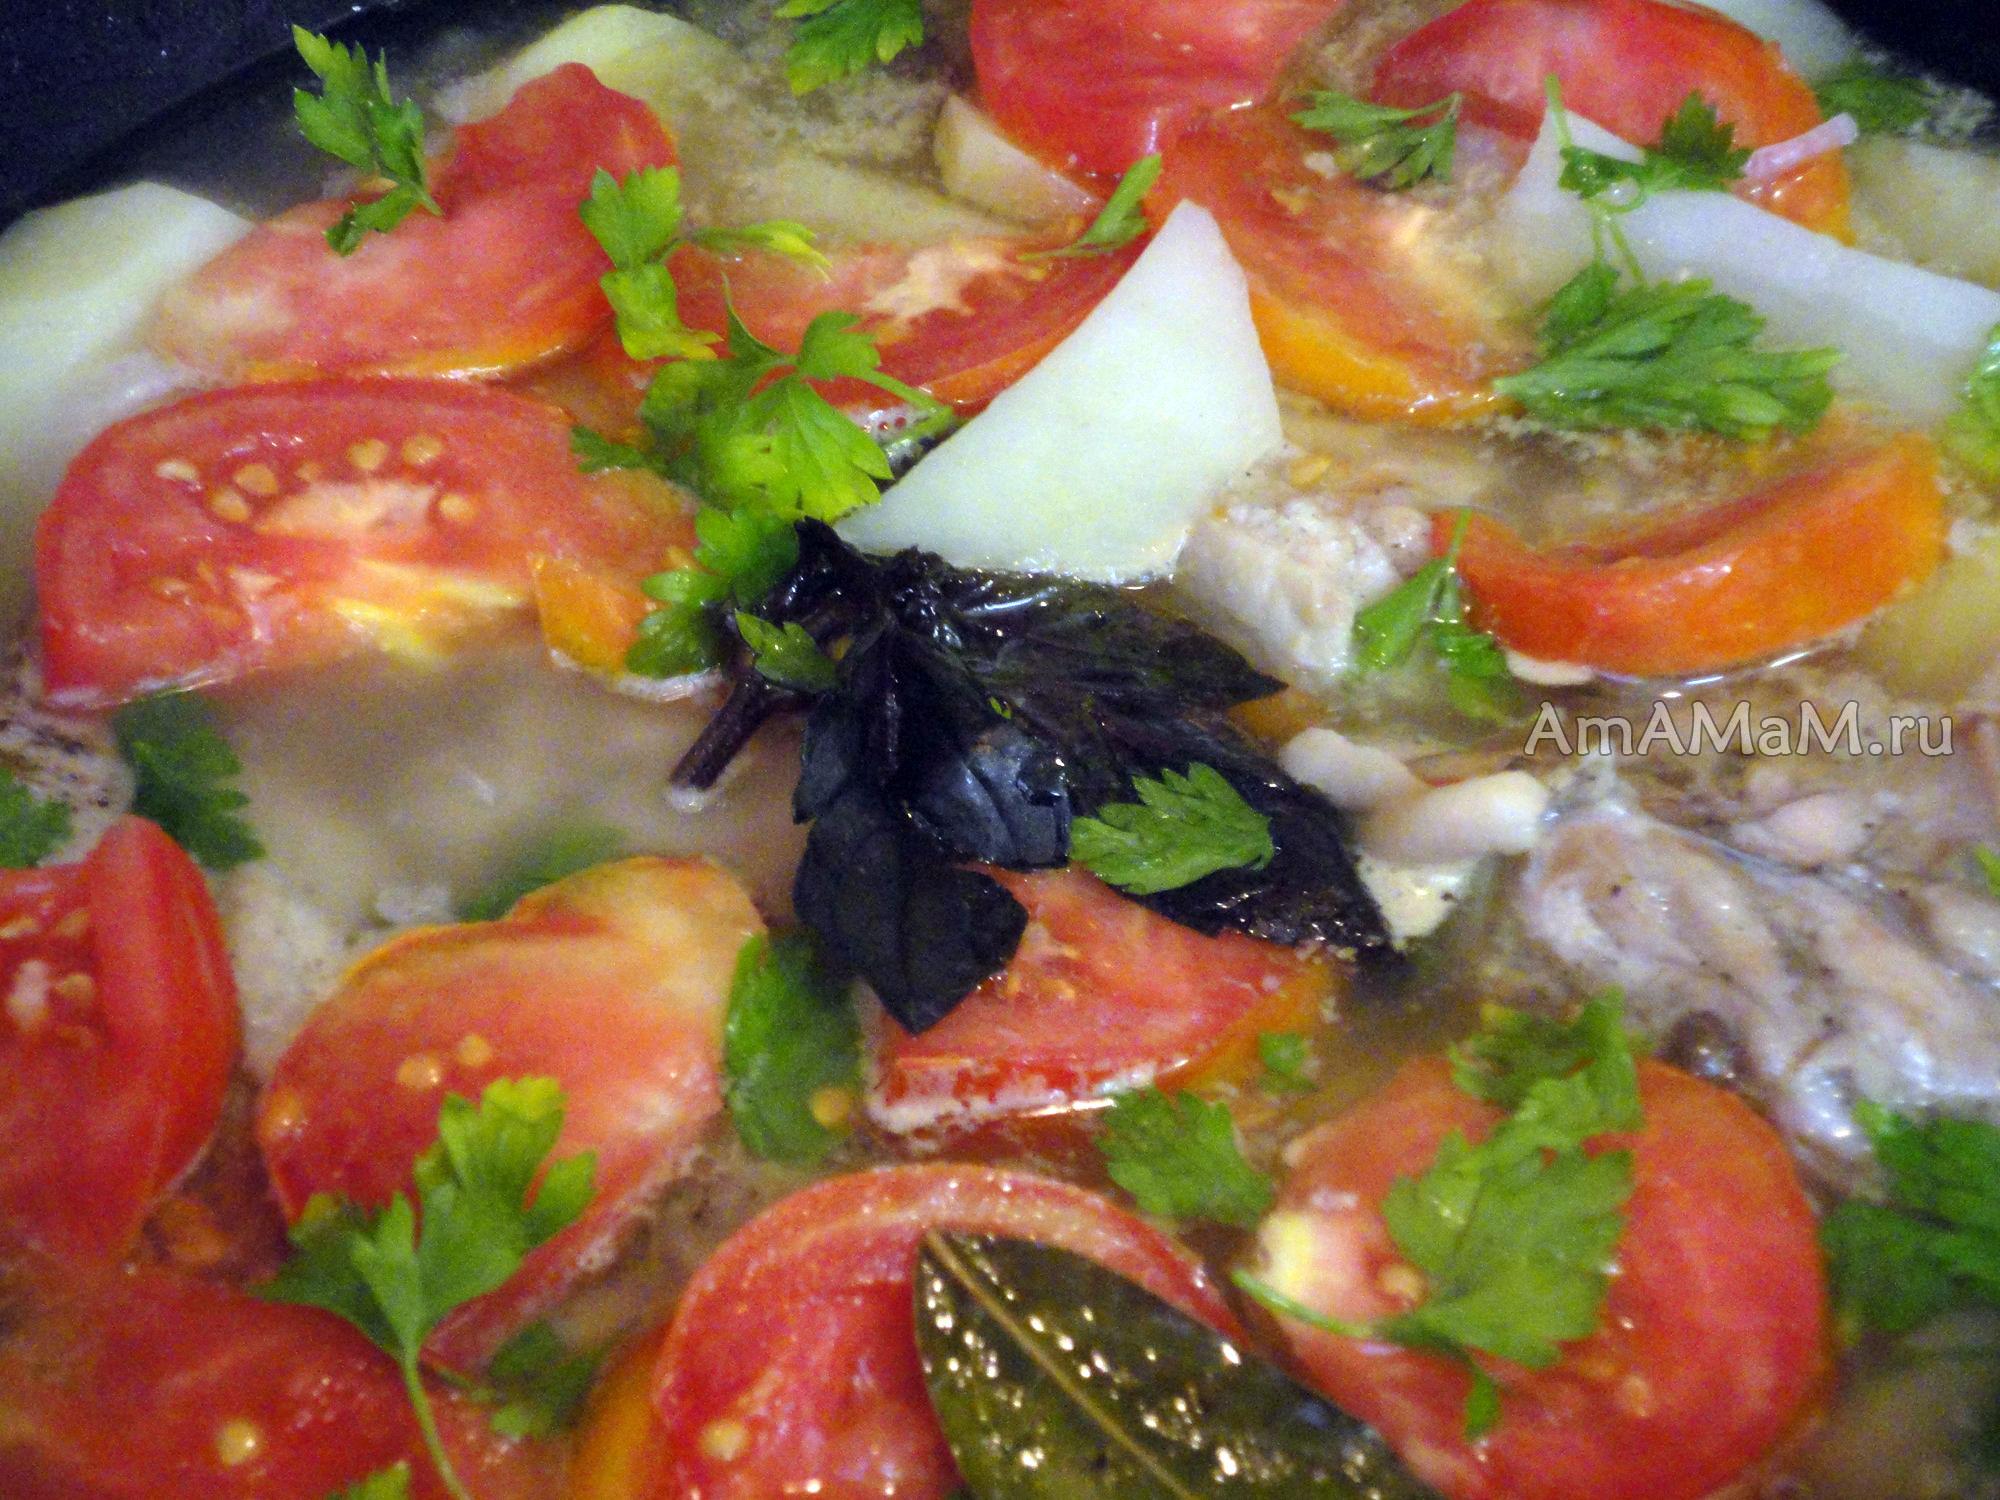 бедрышки с помидорами в духовке рецепт с фото